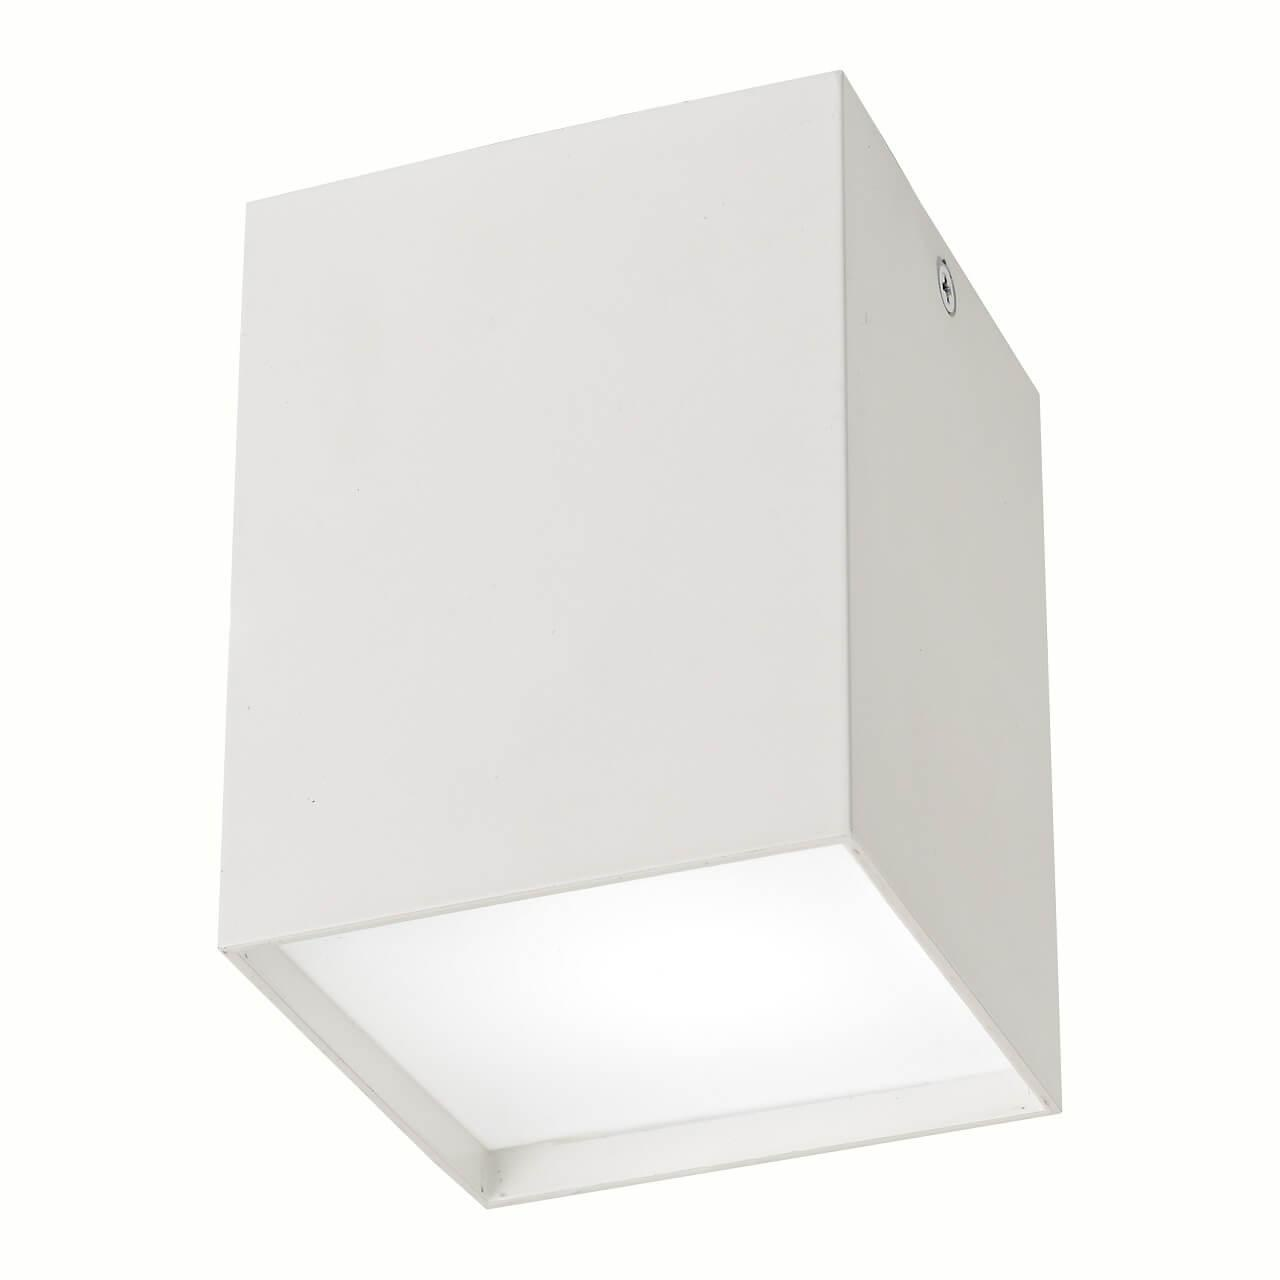 Накладной светильник Mantra 5633, GU10, 40 Вт цена 2017